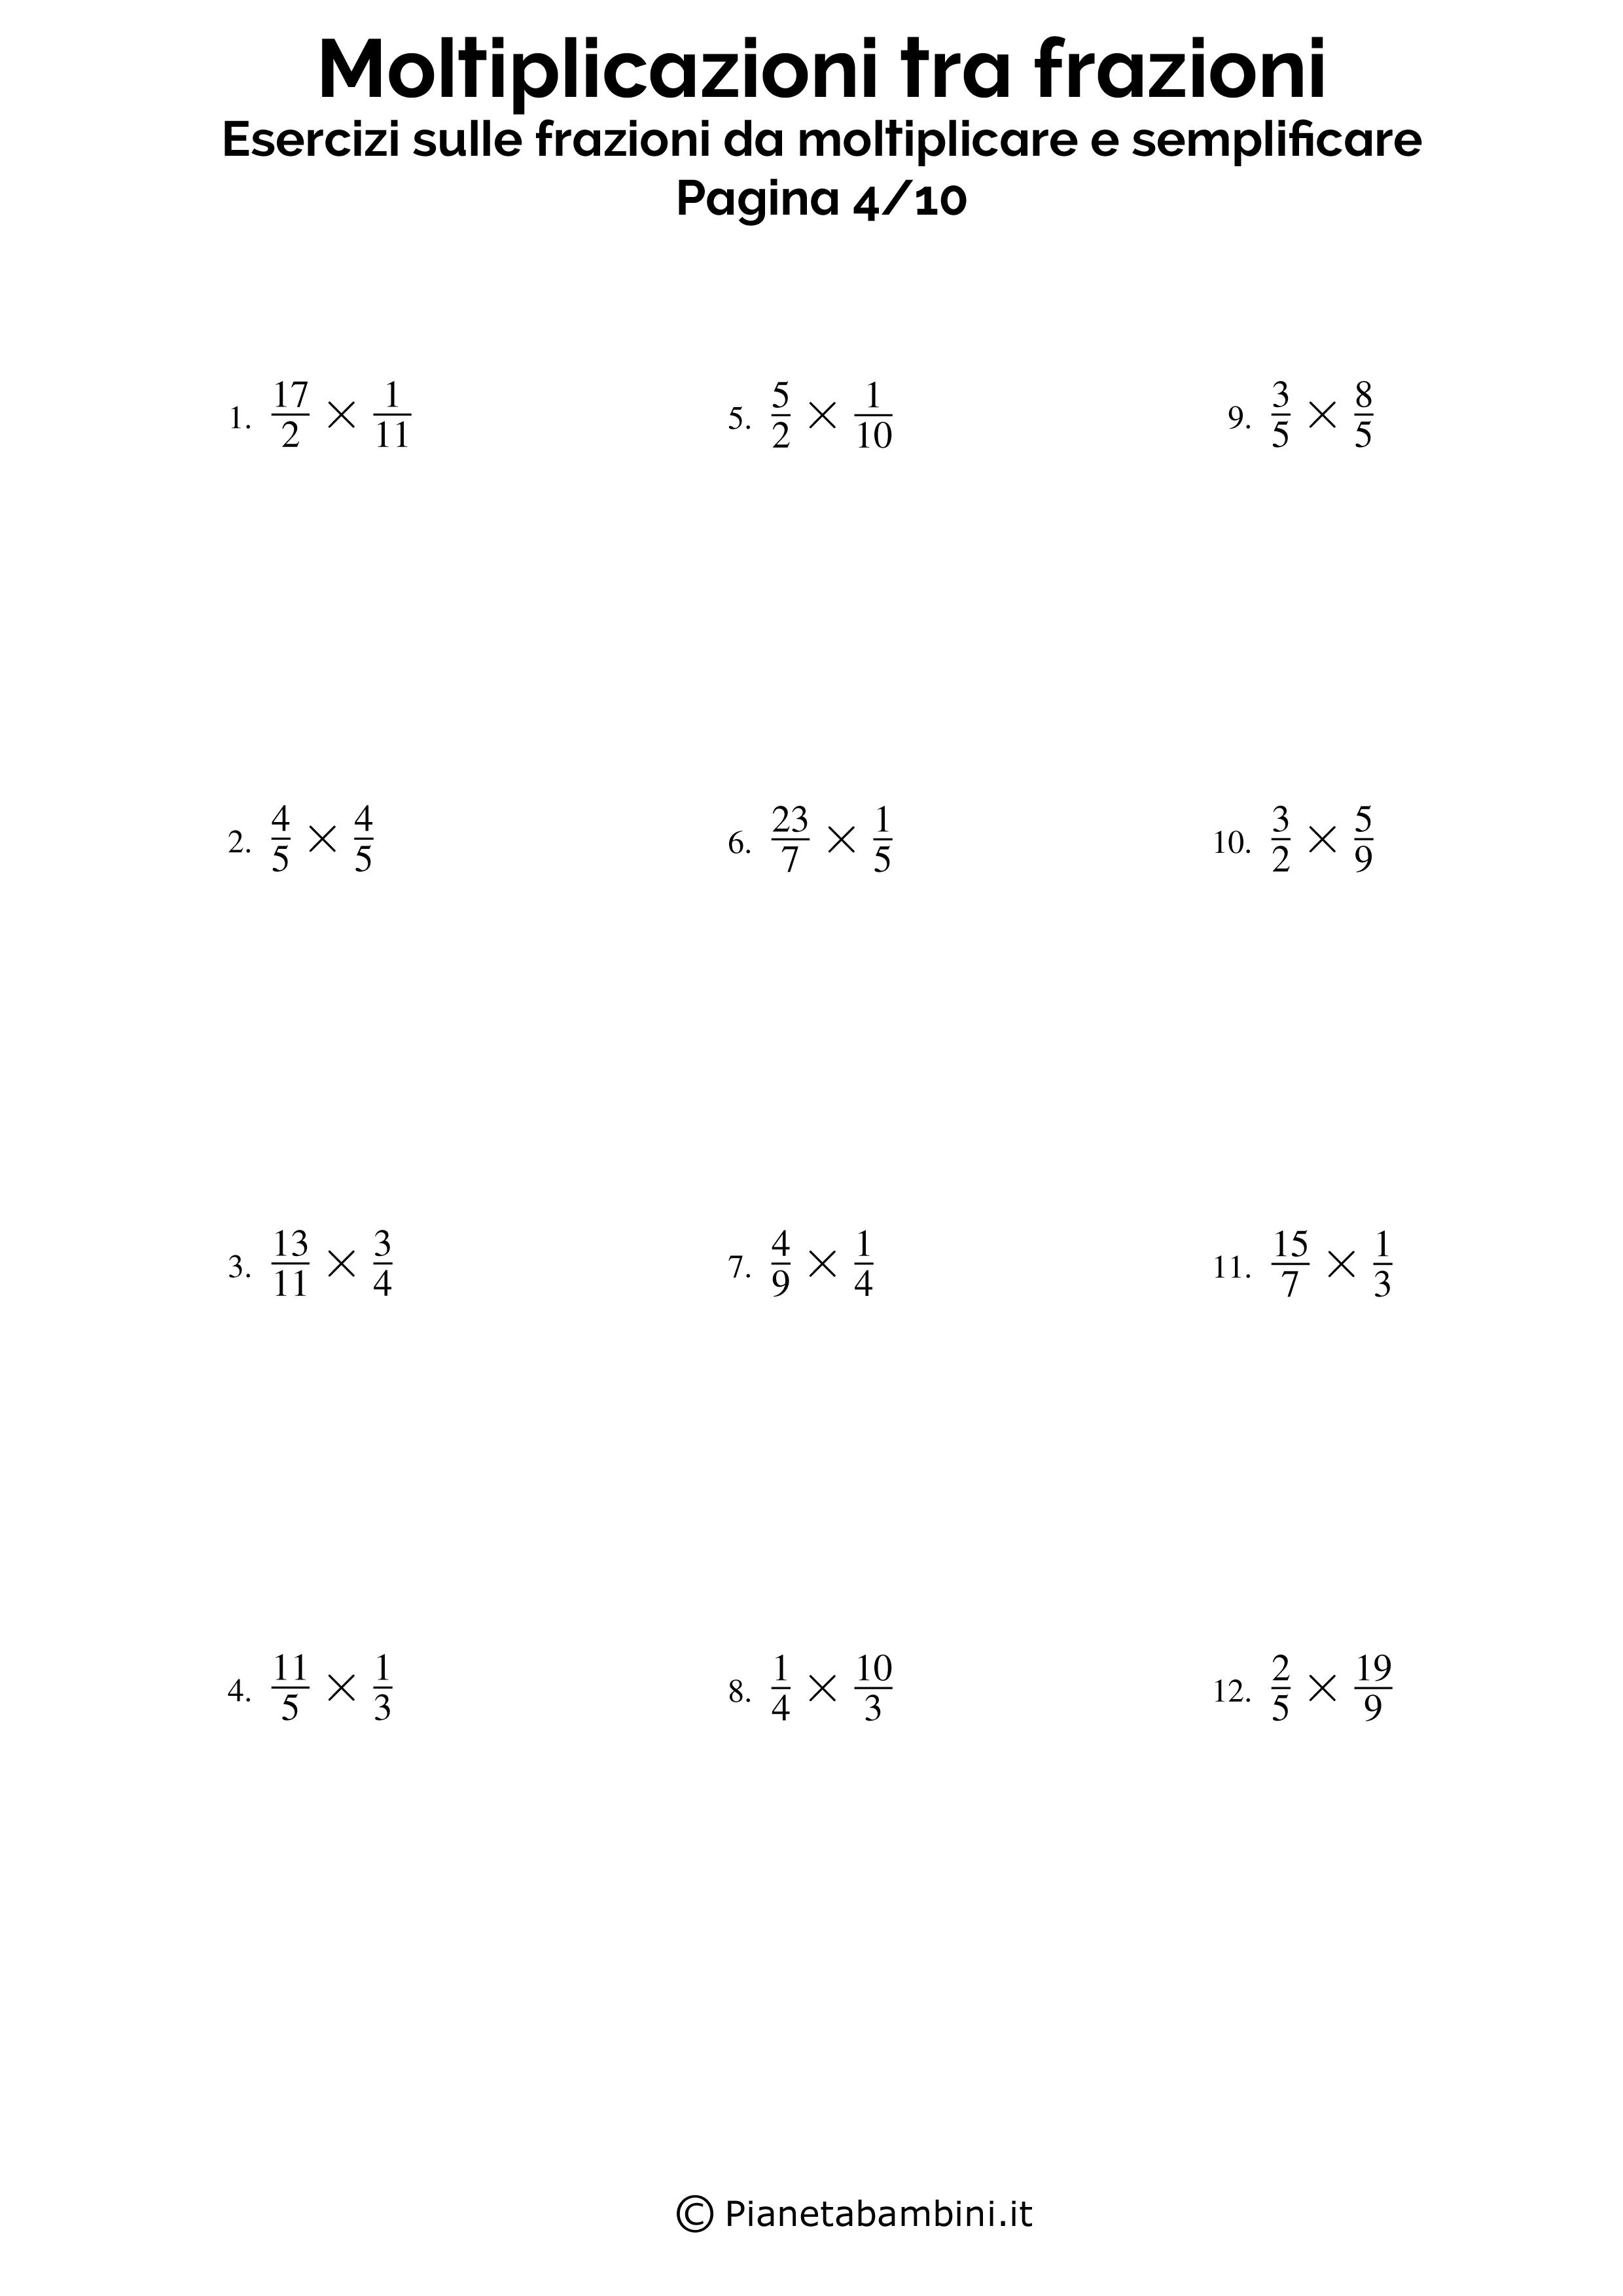 Frazioni-Moltiplicare-Semplificare_04